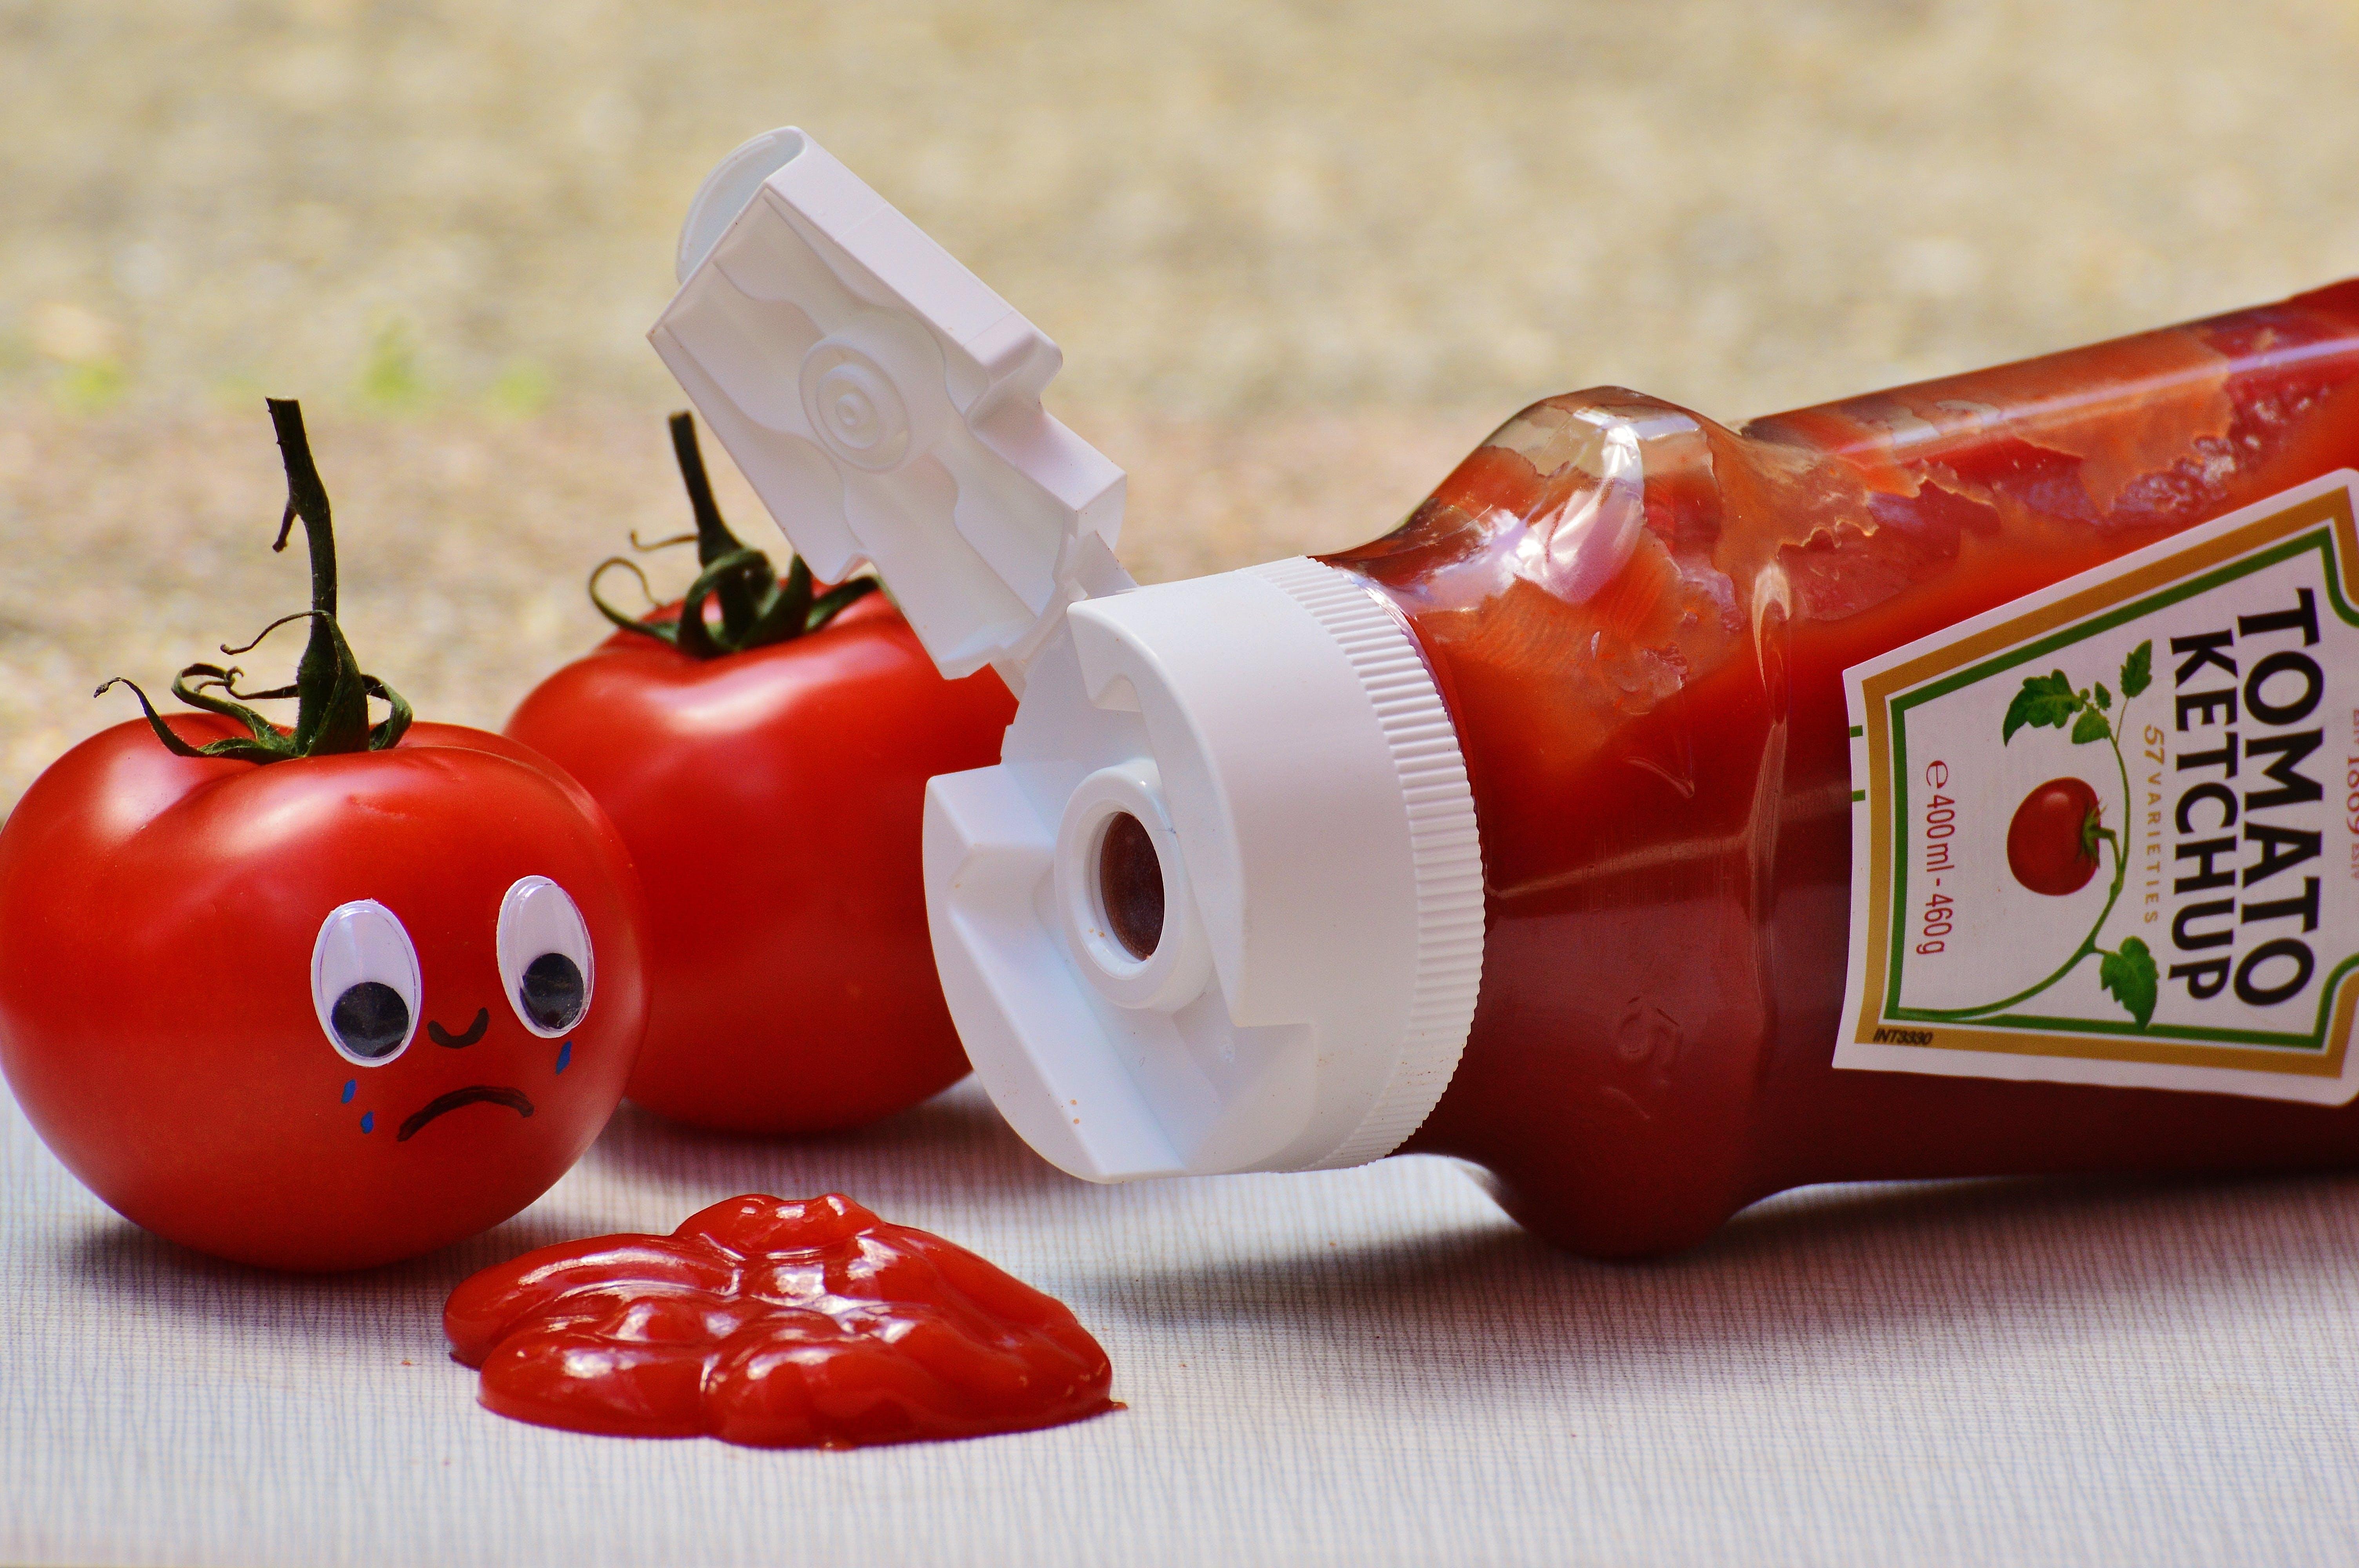 2 Tomatoes Beside Tomato Ketchup Ketchup